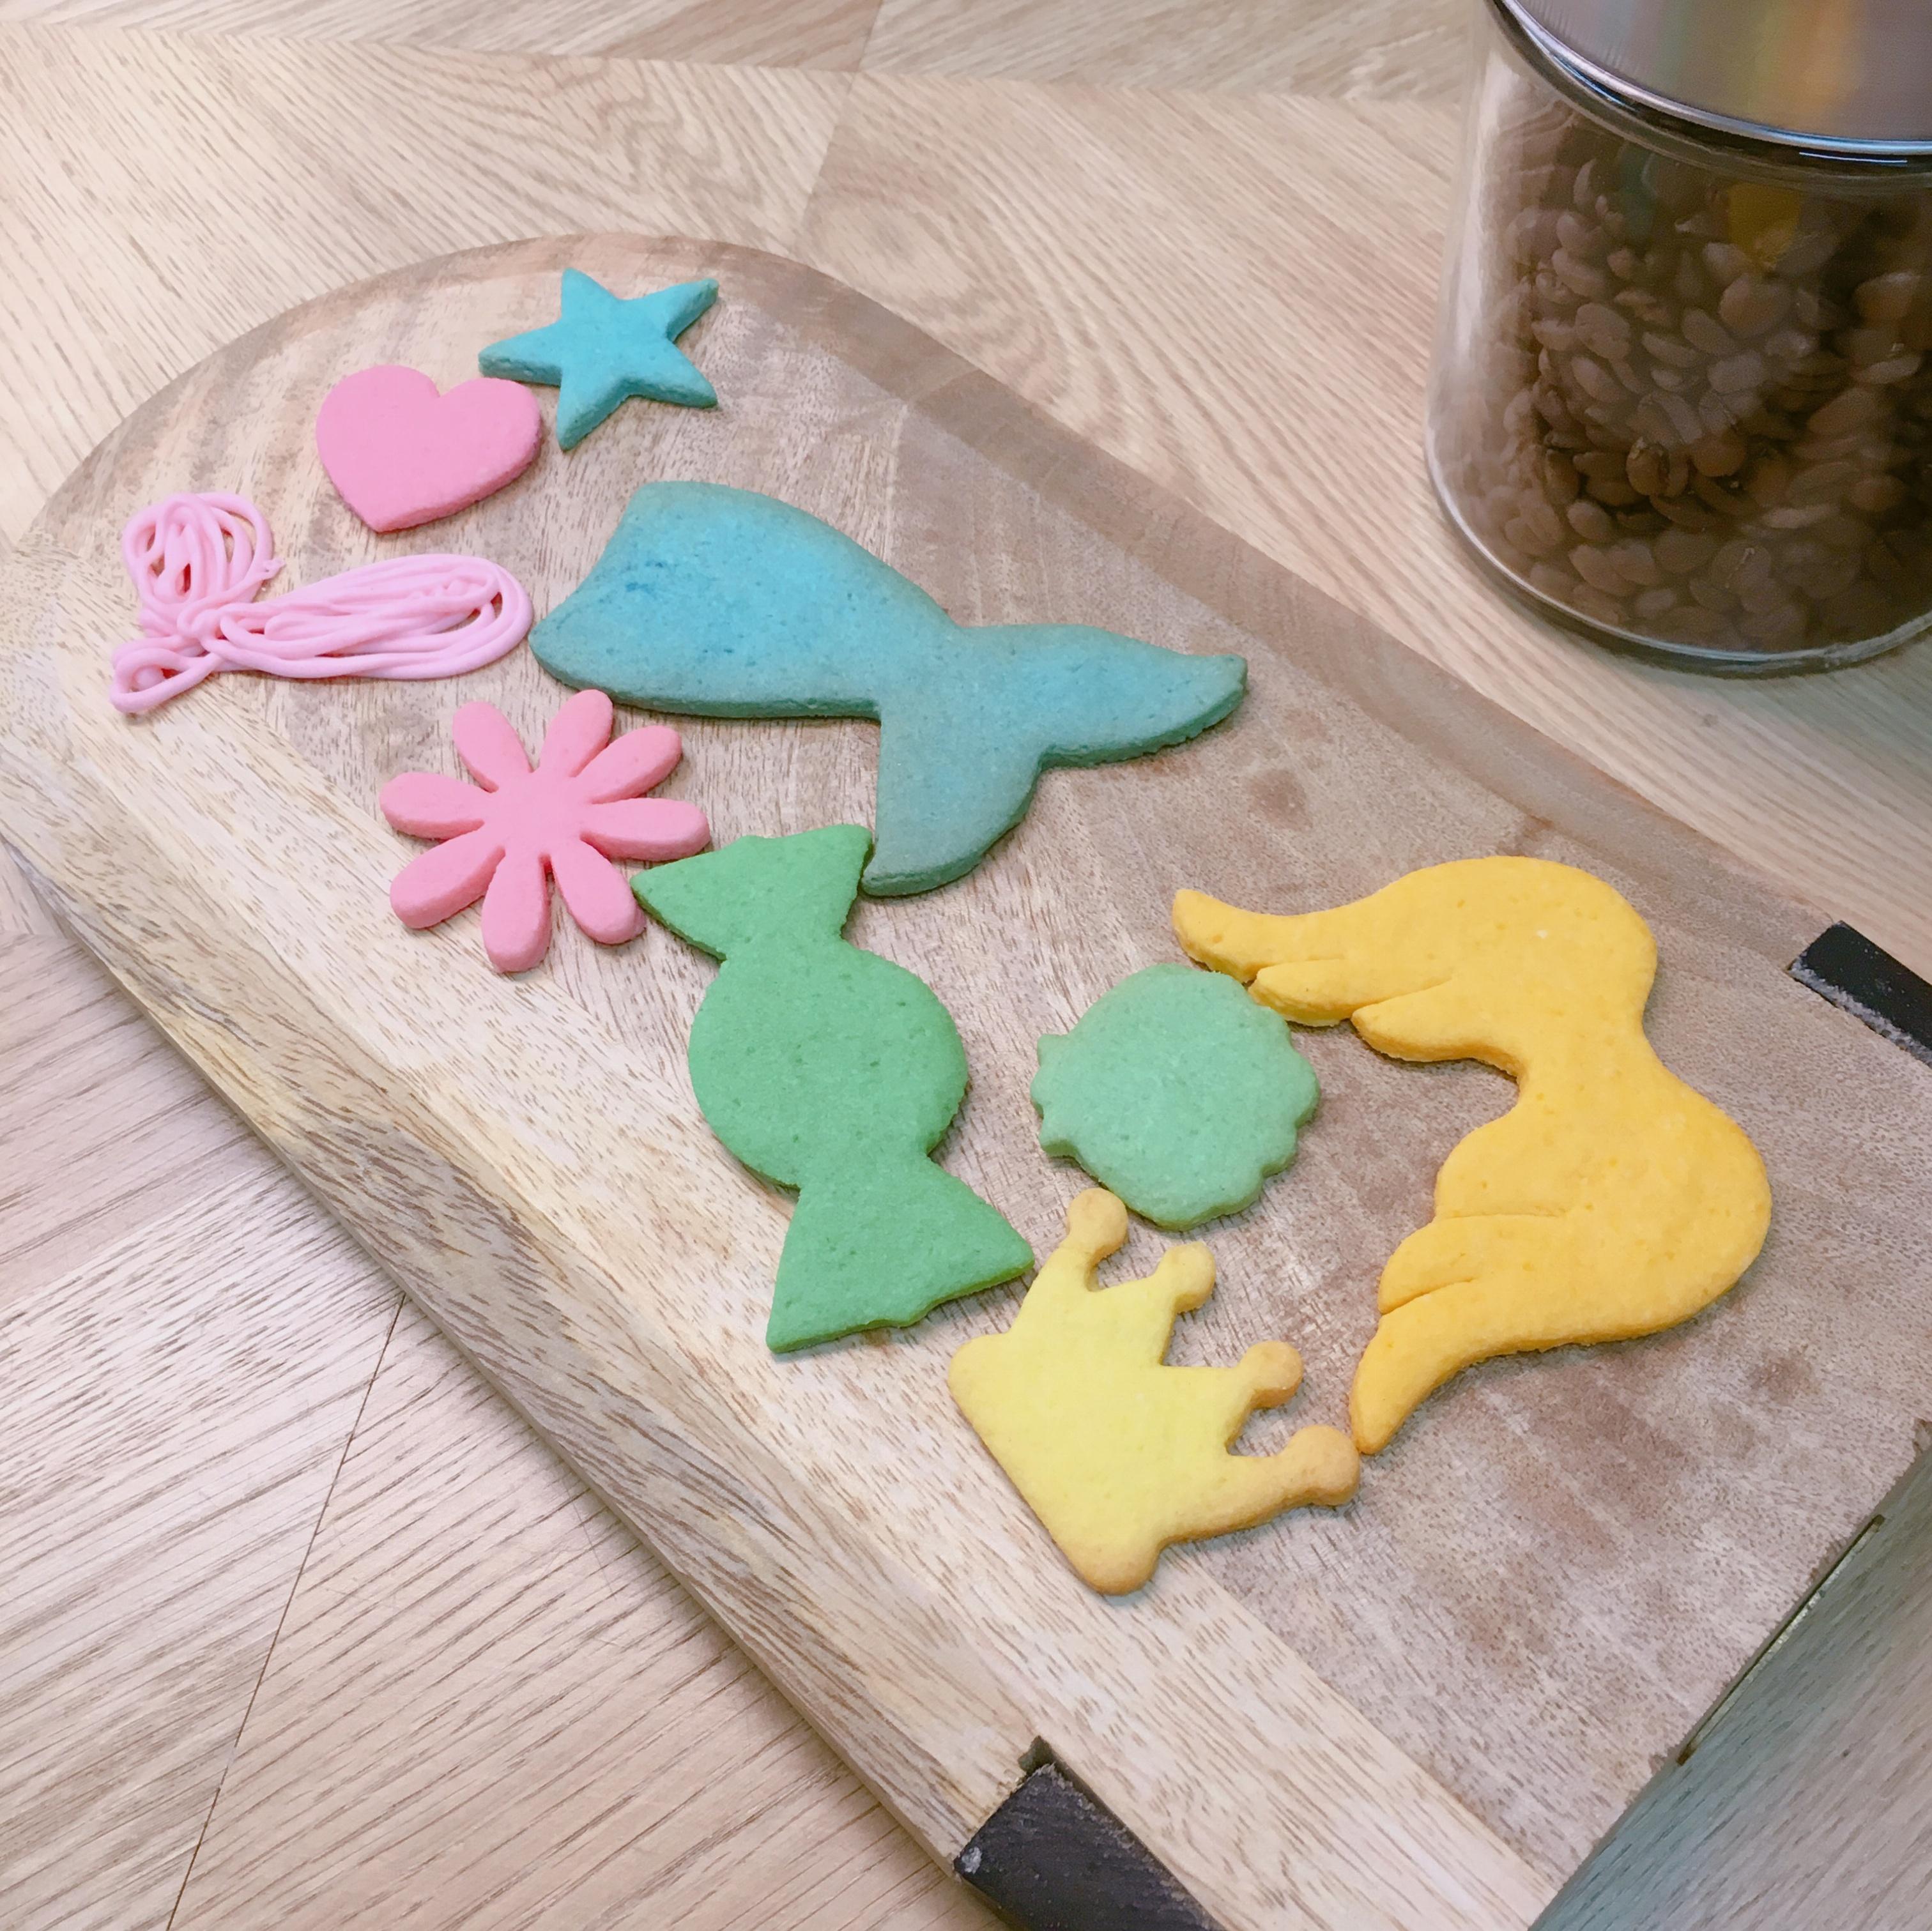 《 私のカフェめぐり♪ 》 SNS映えばっちり◎カラフルクッキーが乗ったソフトクリーム♡♡_5